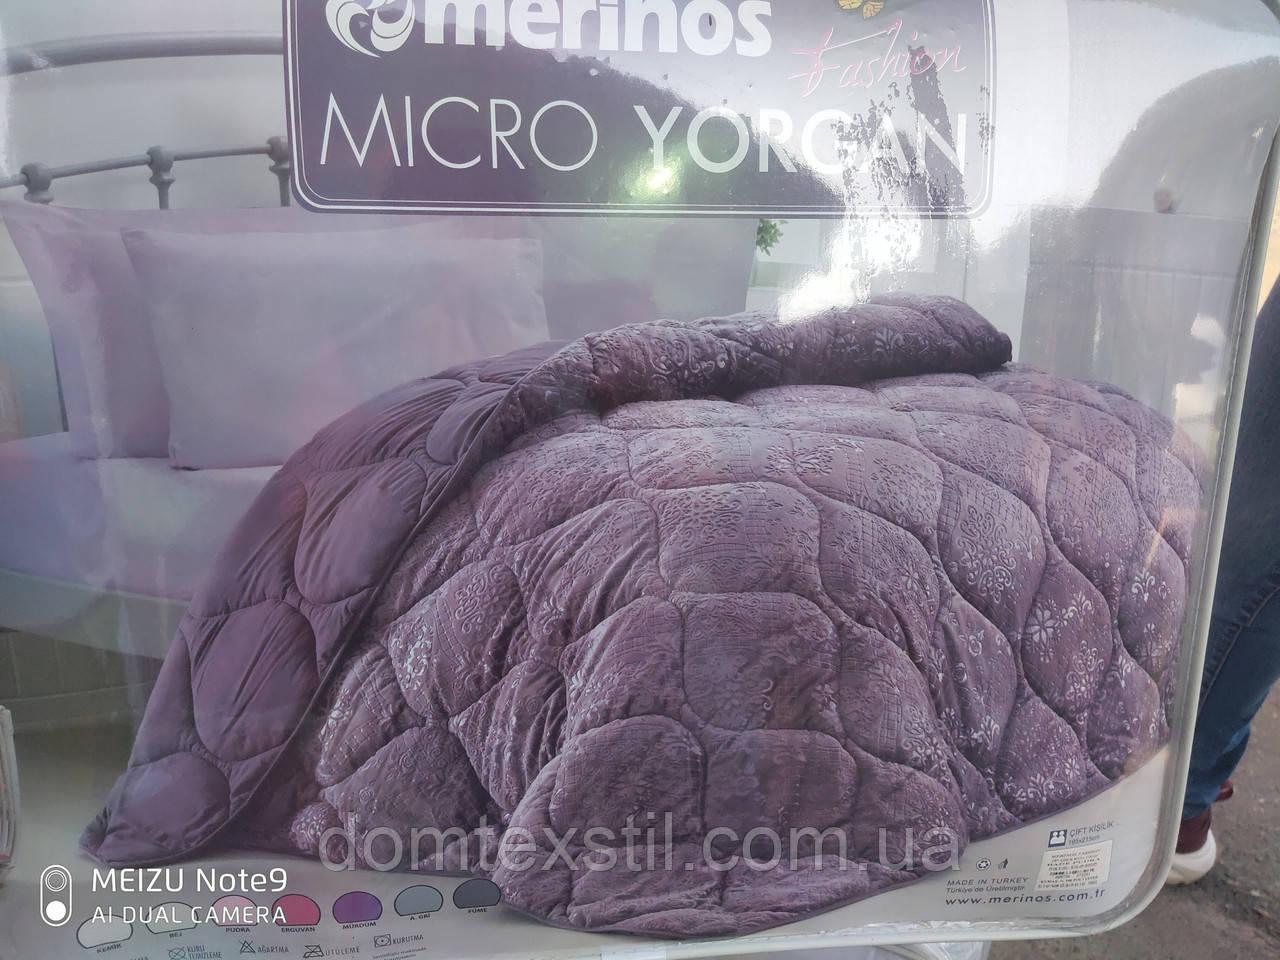 Одеяло микрофибра хлопоковое, пр-во Турция